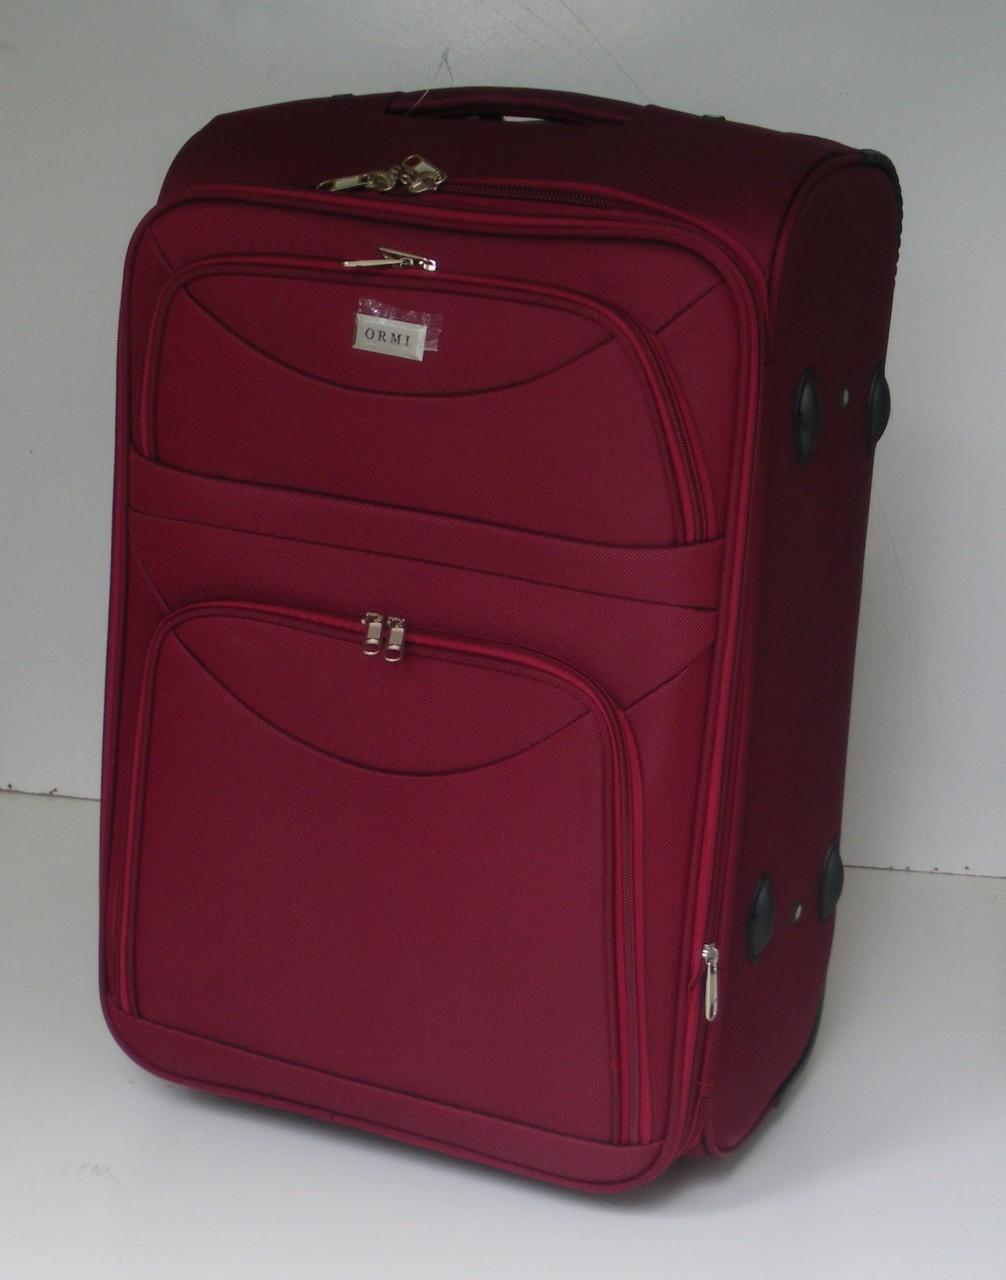 Изобретён чемодан, который самостоятельно следует за владельцем